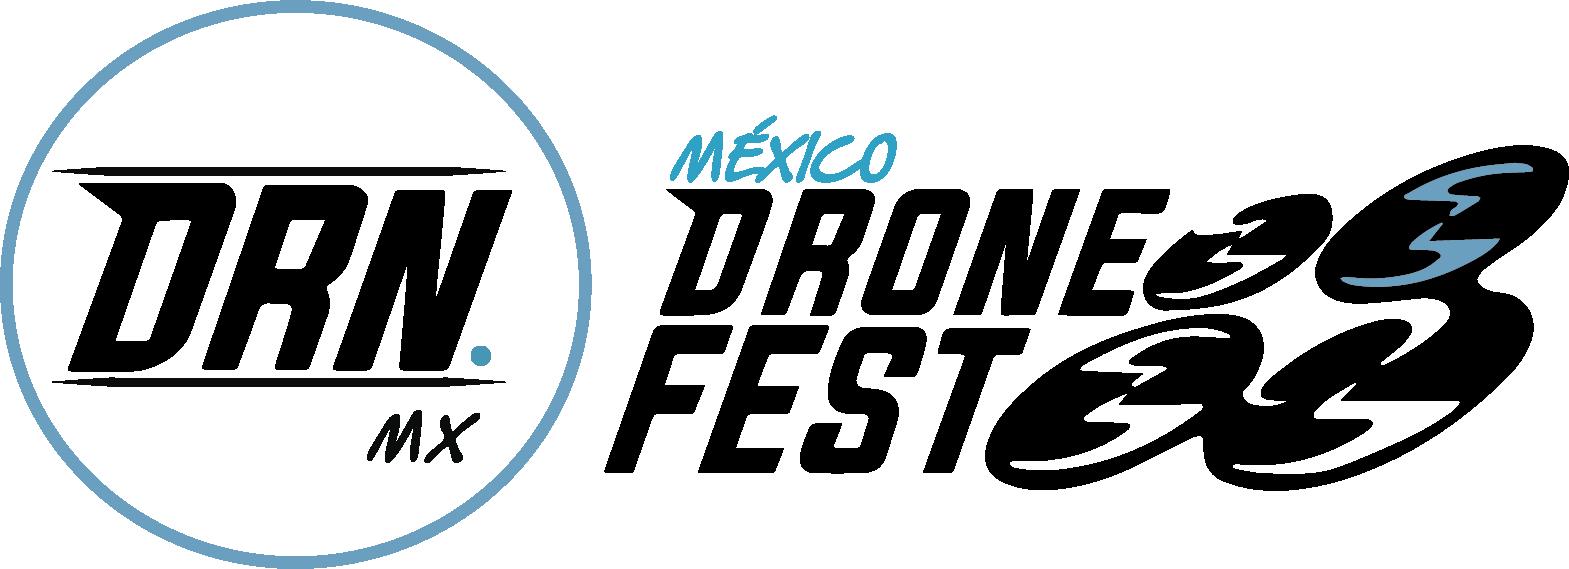 DRN México Drone Fest 2017